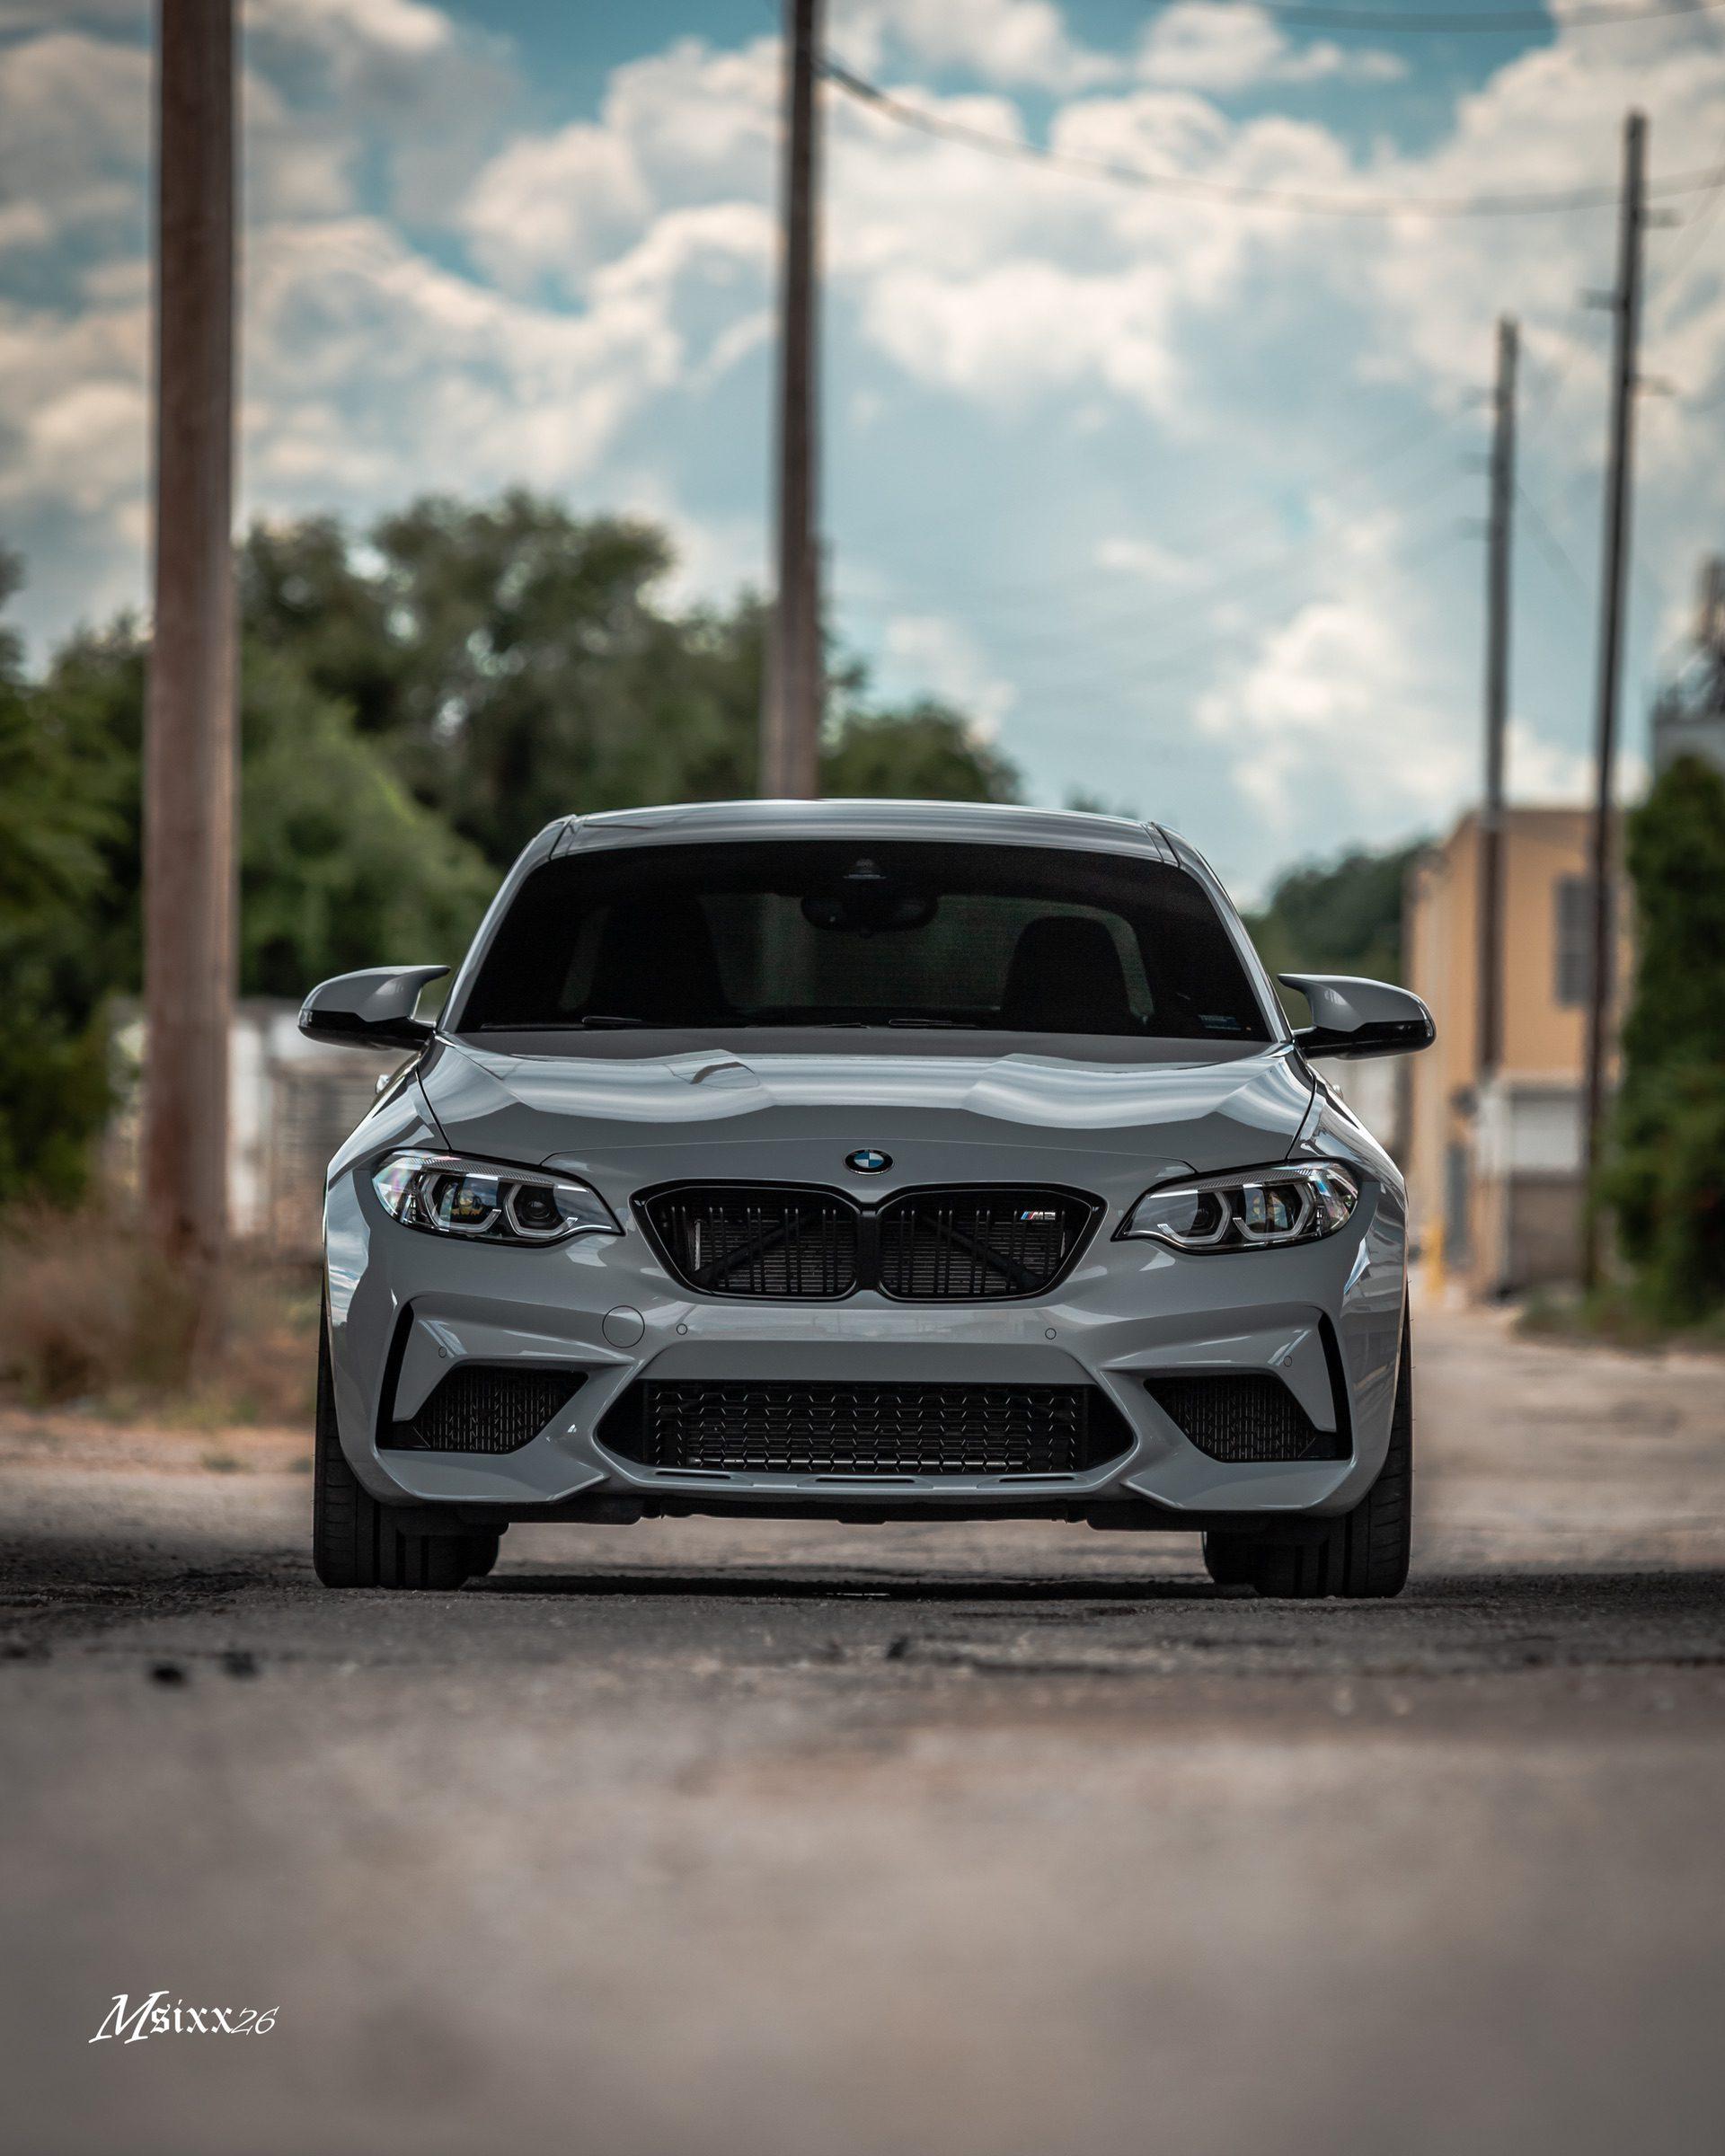 ВИДЕО: Короткометражный фильм о конкурсе BMW M2 — I Donut Care